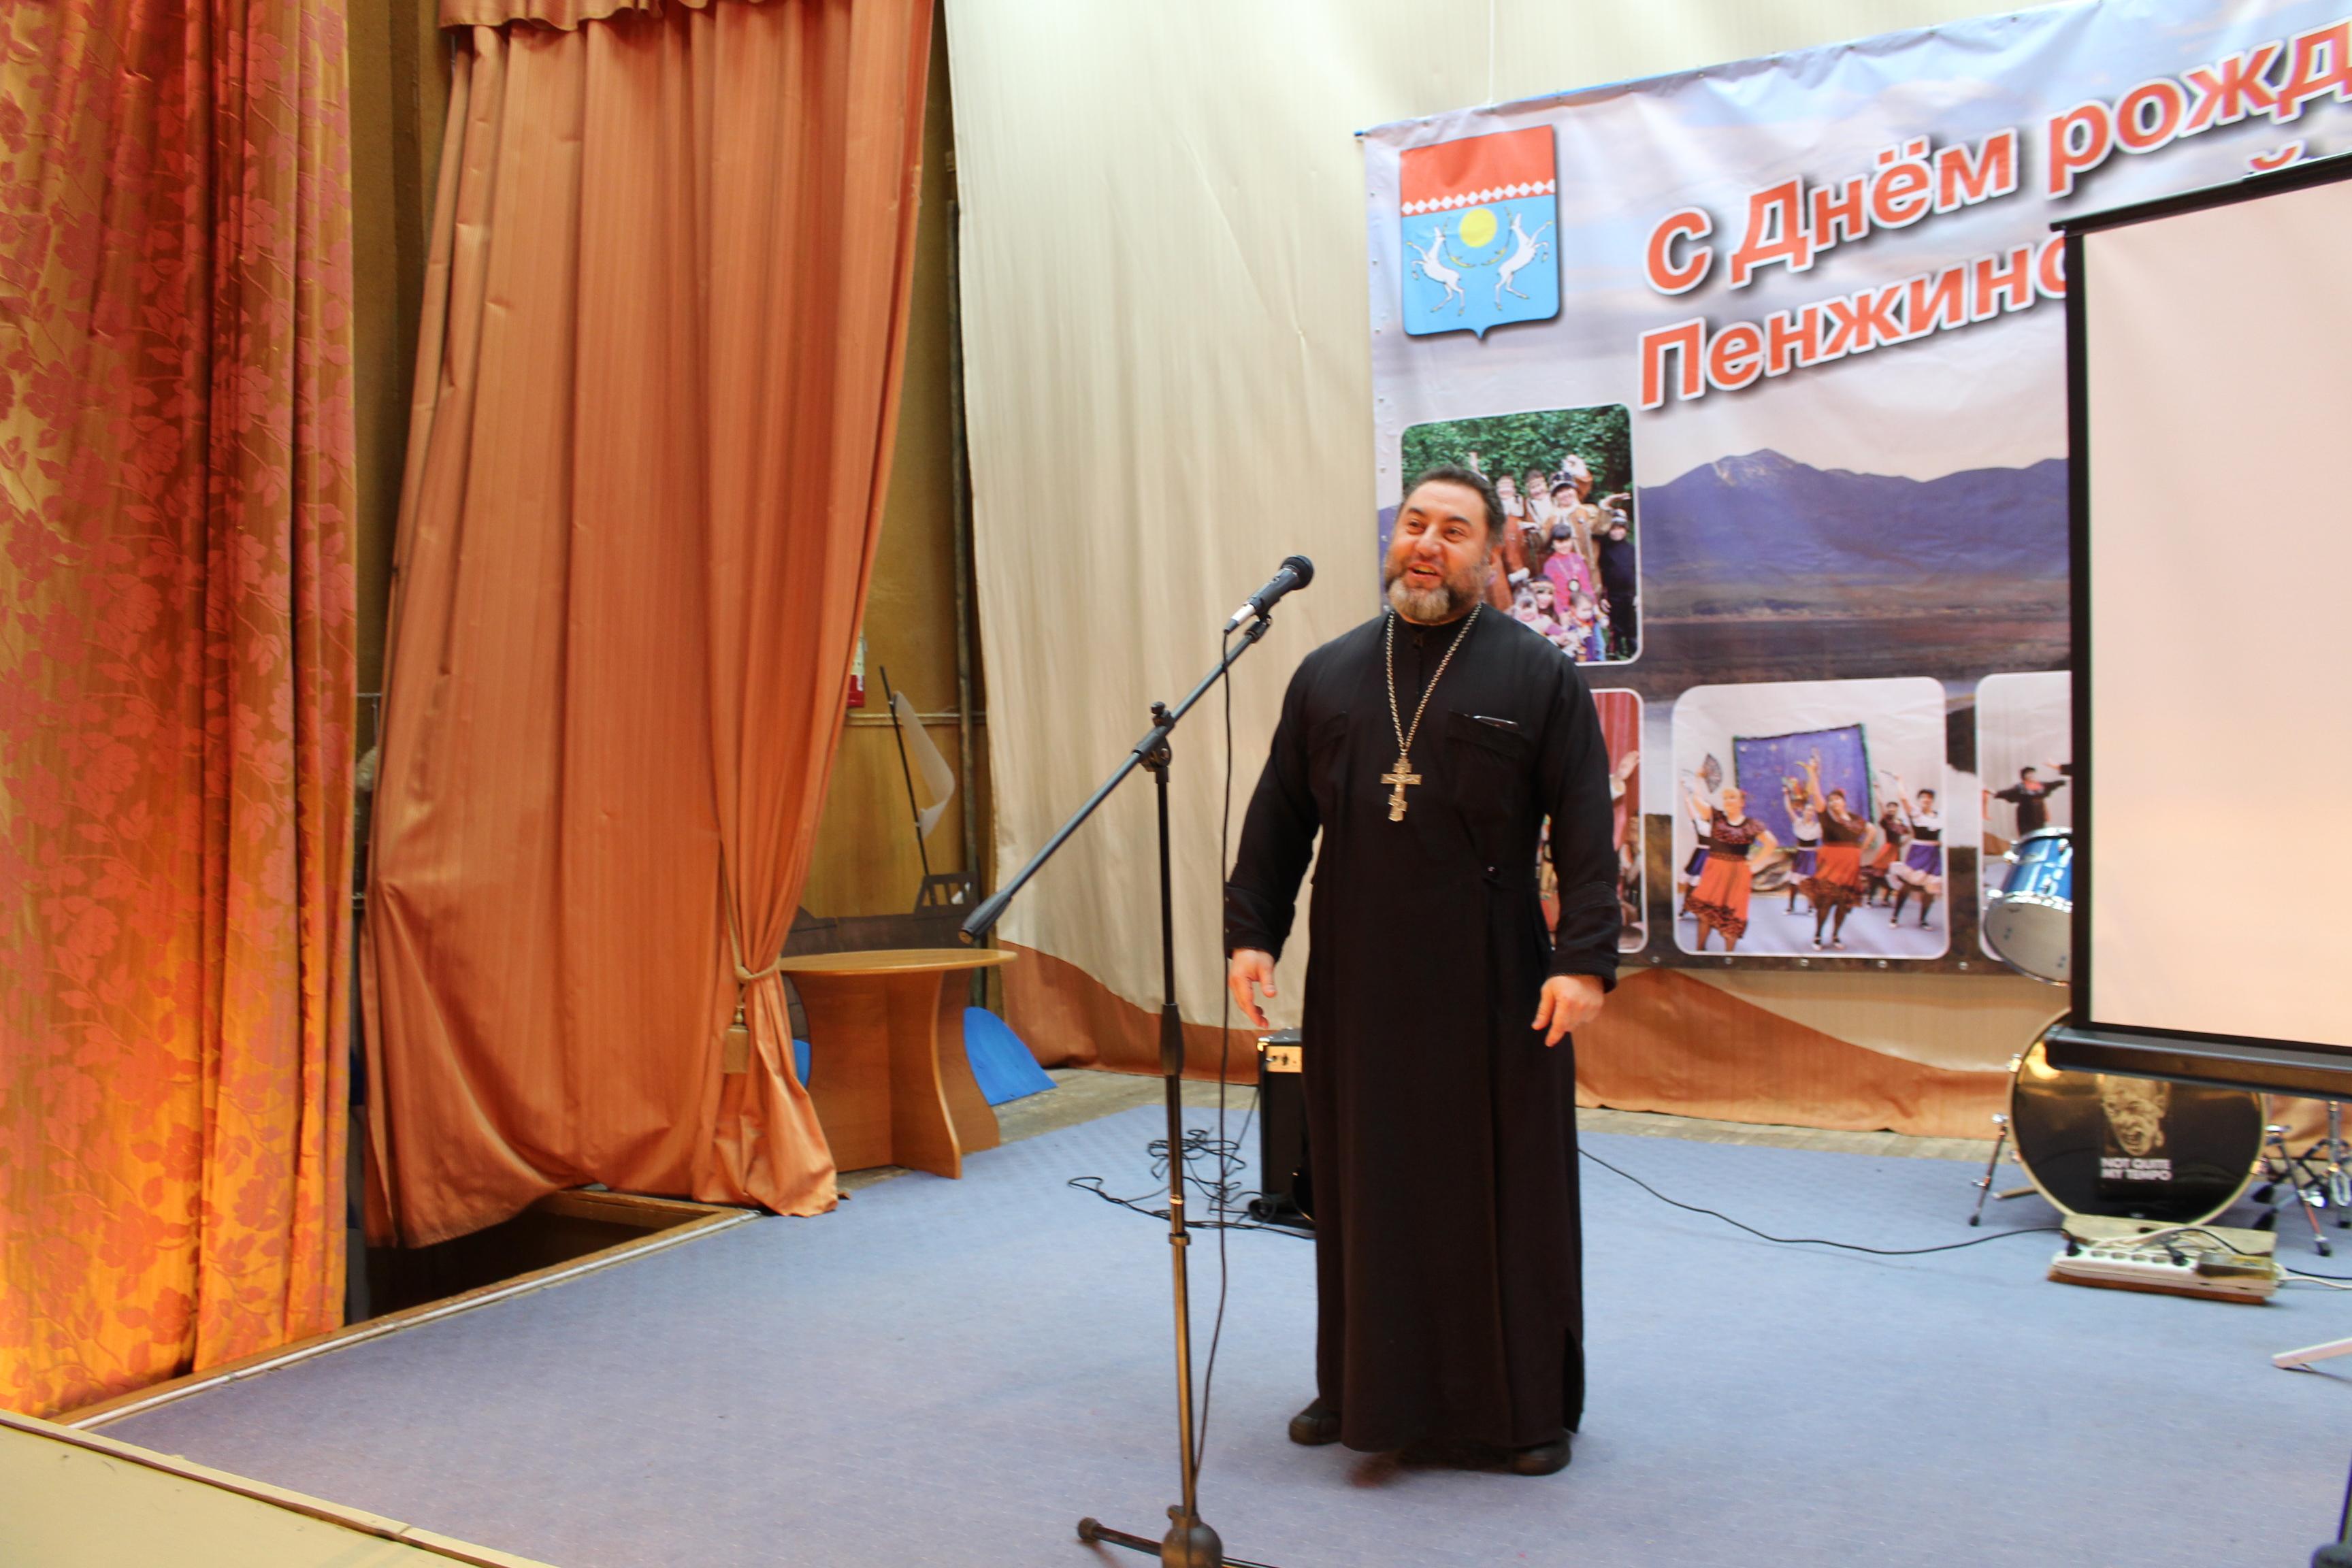 Концерт Пенжинская Детская школа искусств, посвященный 90-летию района